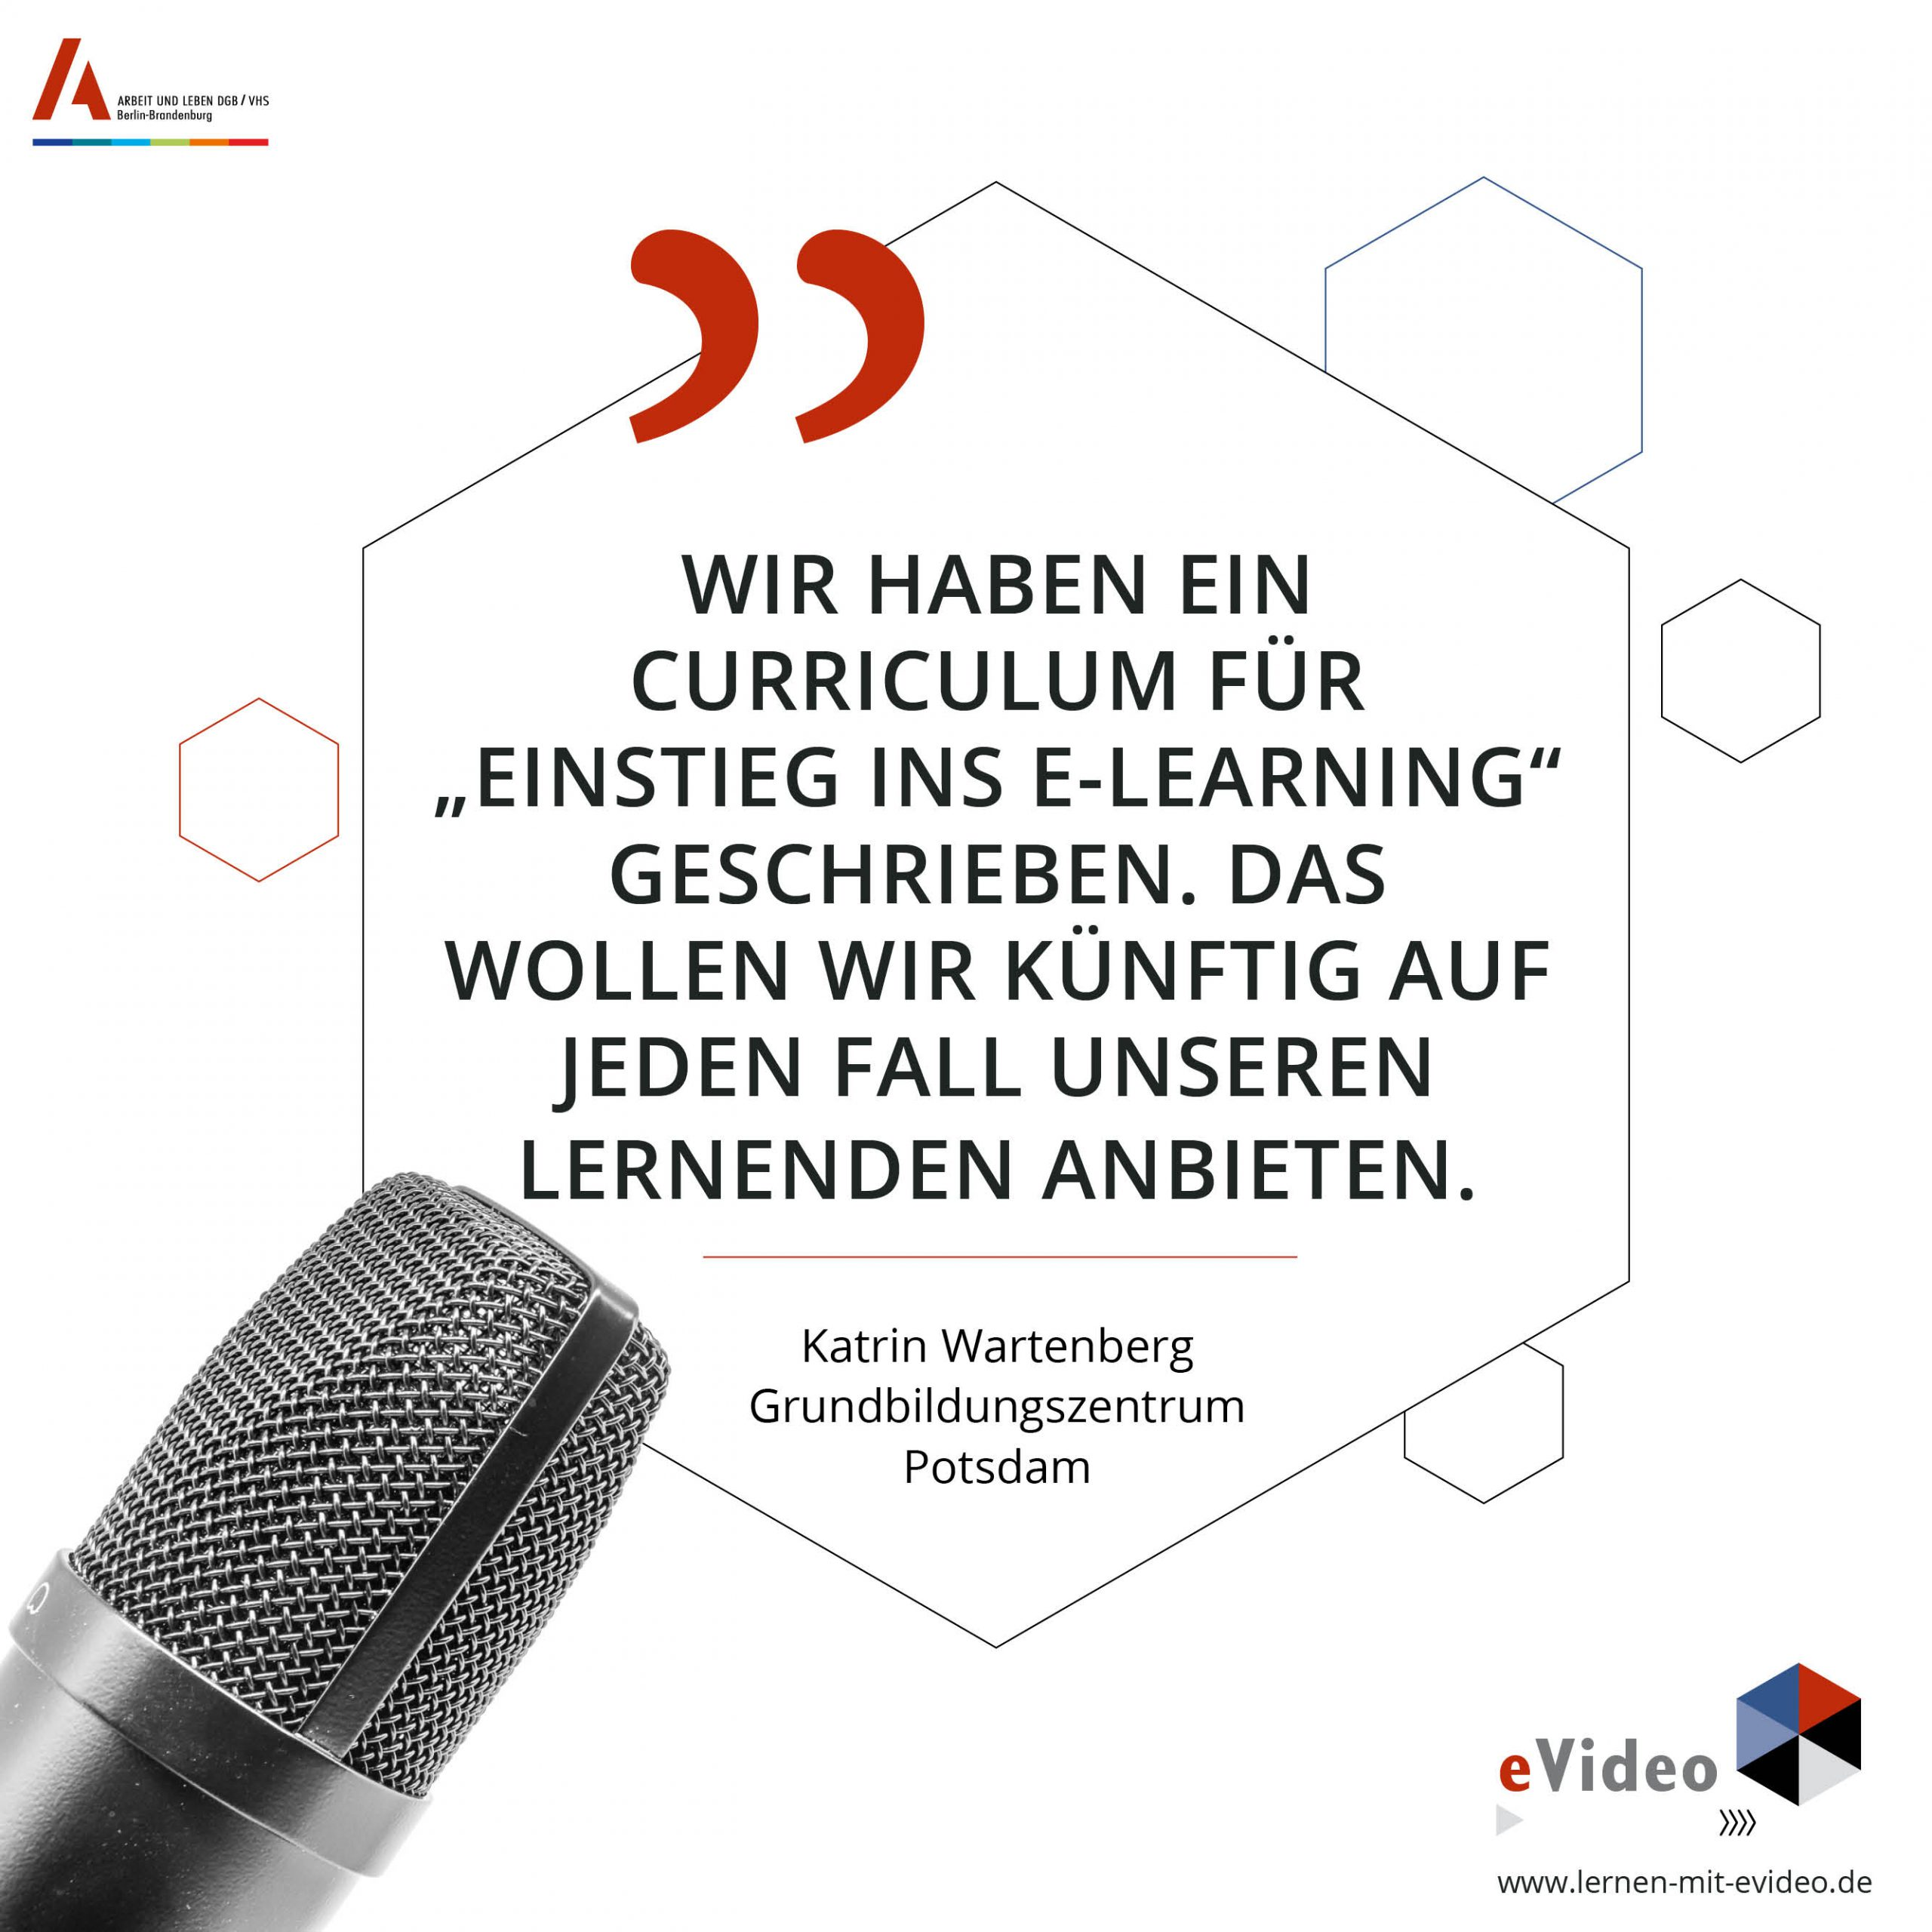 """Wir haben ein Curriculum für """"Einstieg ins E-Learning"""" geschrieben. Das wollen wir künftig auf jeden Fall unseren Lernenden anbieten. Katrin Wartenberg Grundbildungszentrum Potsdam"""